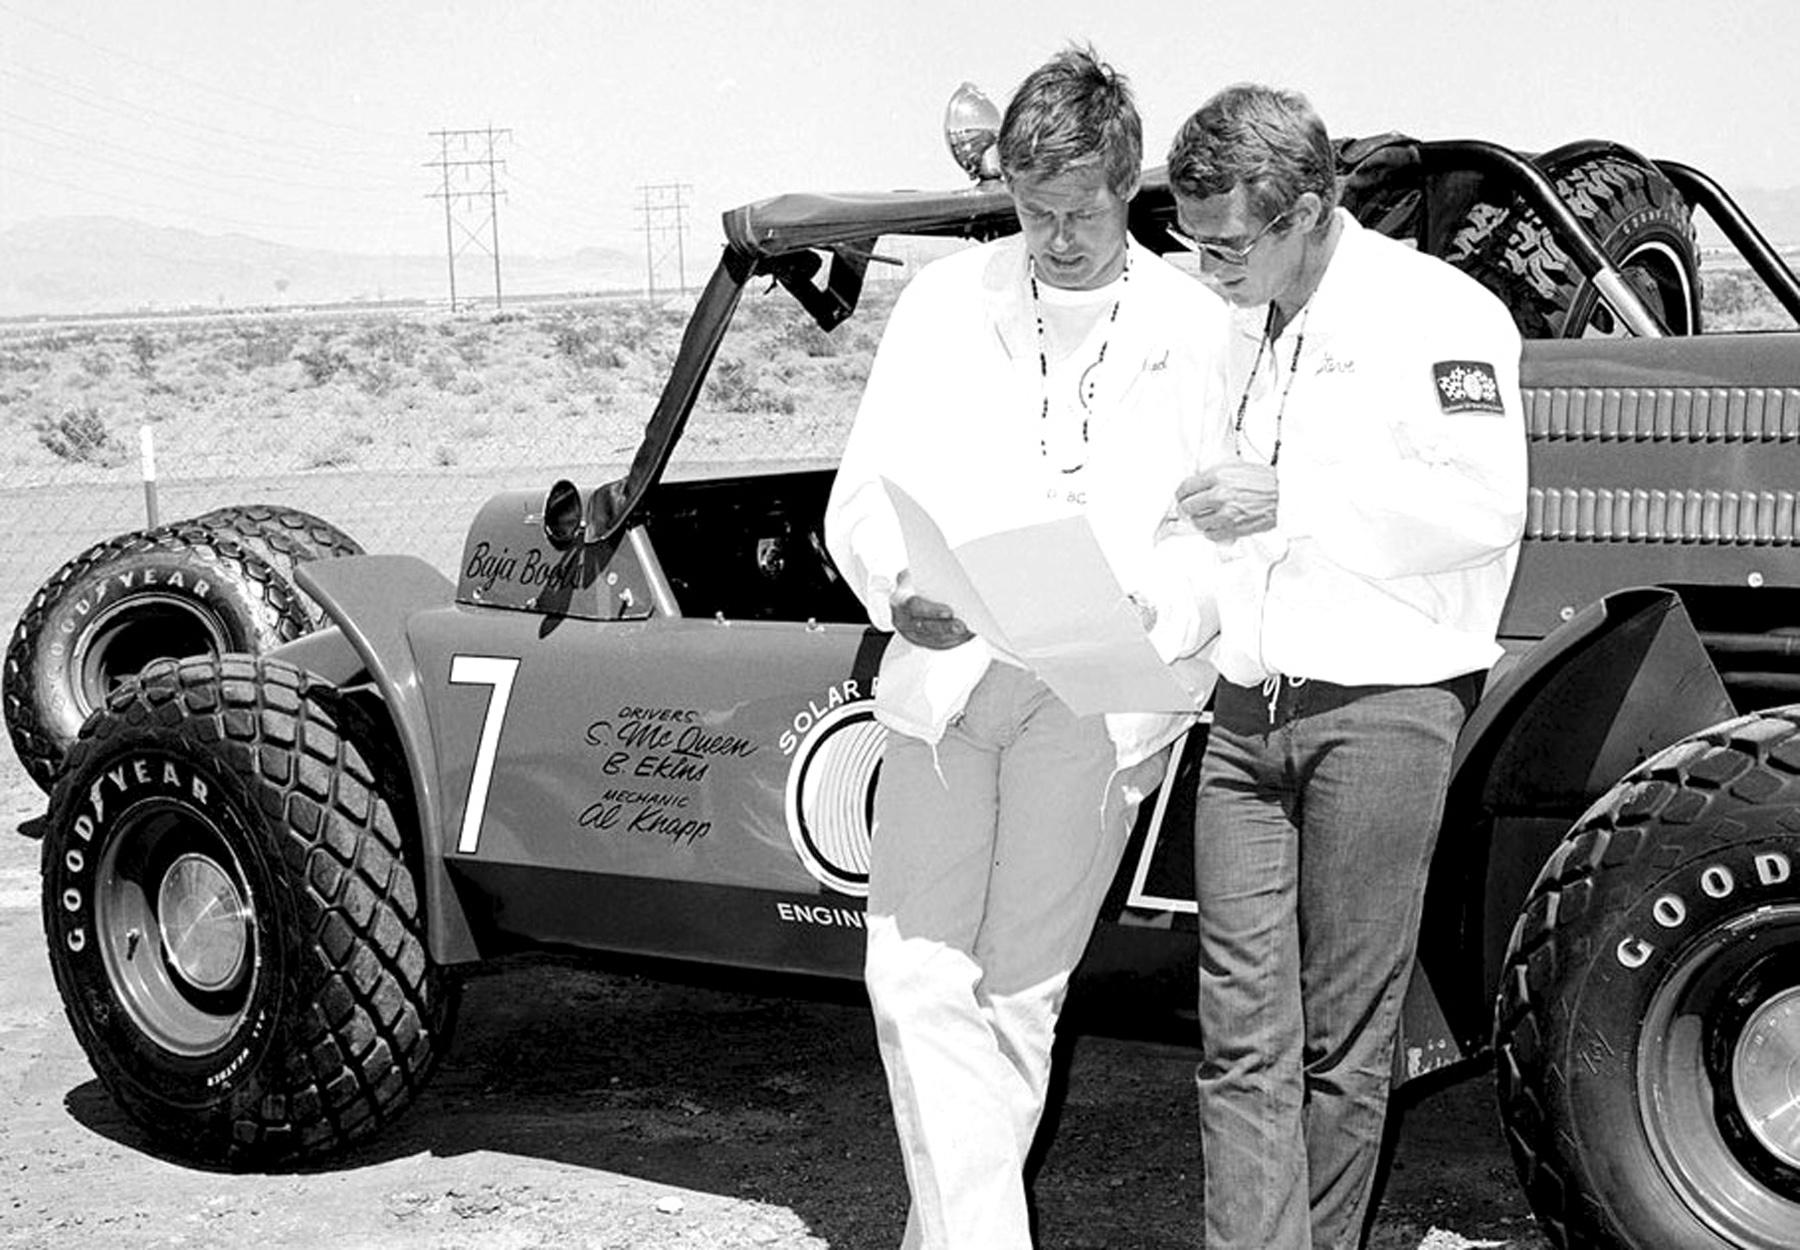 Ed Kretz Jr. & Sr. were longtime friends with fellow racers Bud Ekins and Steve McQueen.